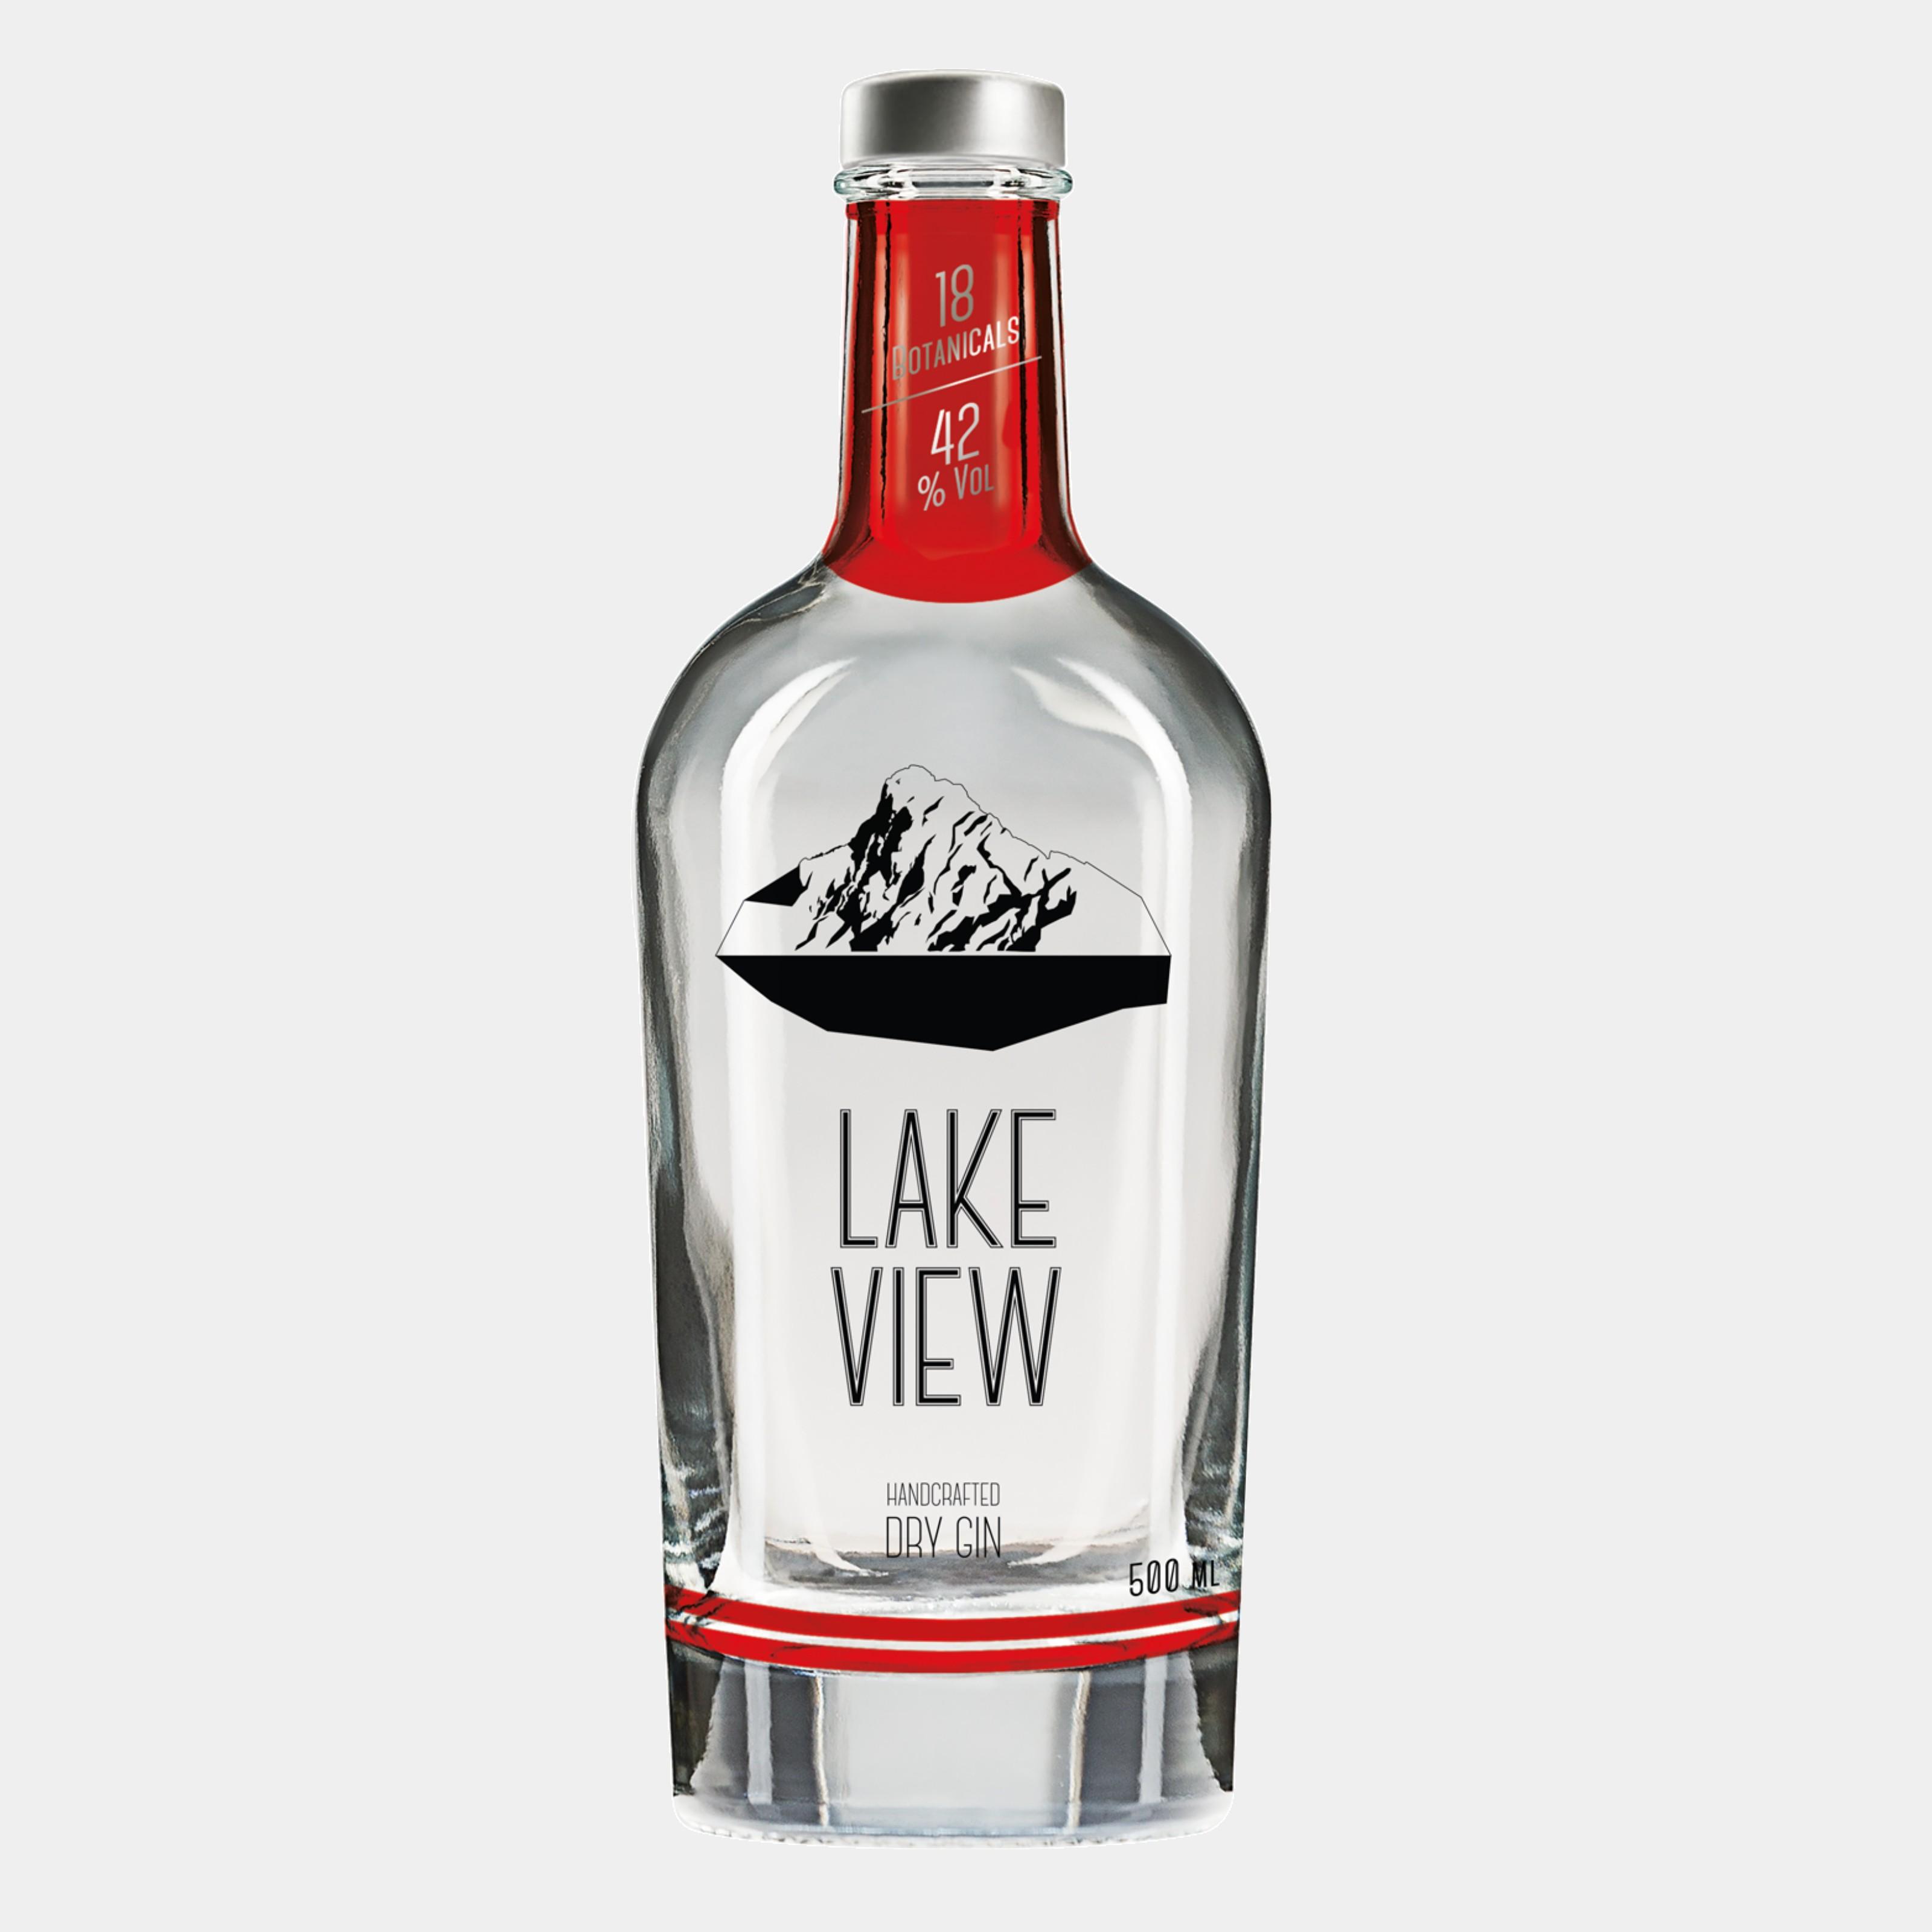 Lake View Gin 0.5 L 42% Alk.